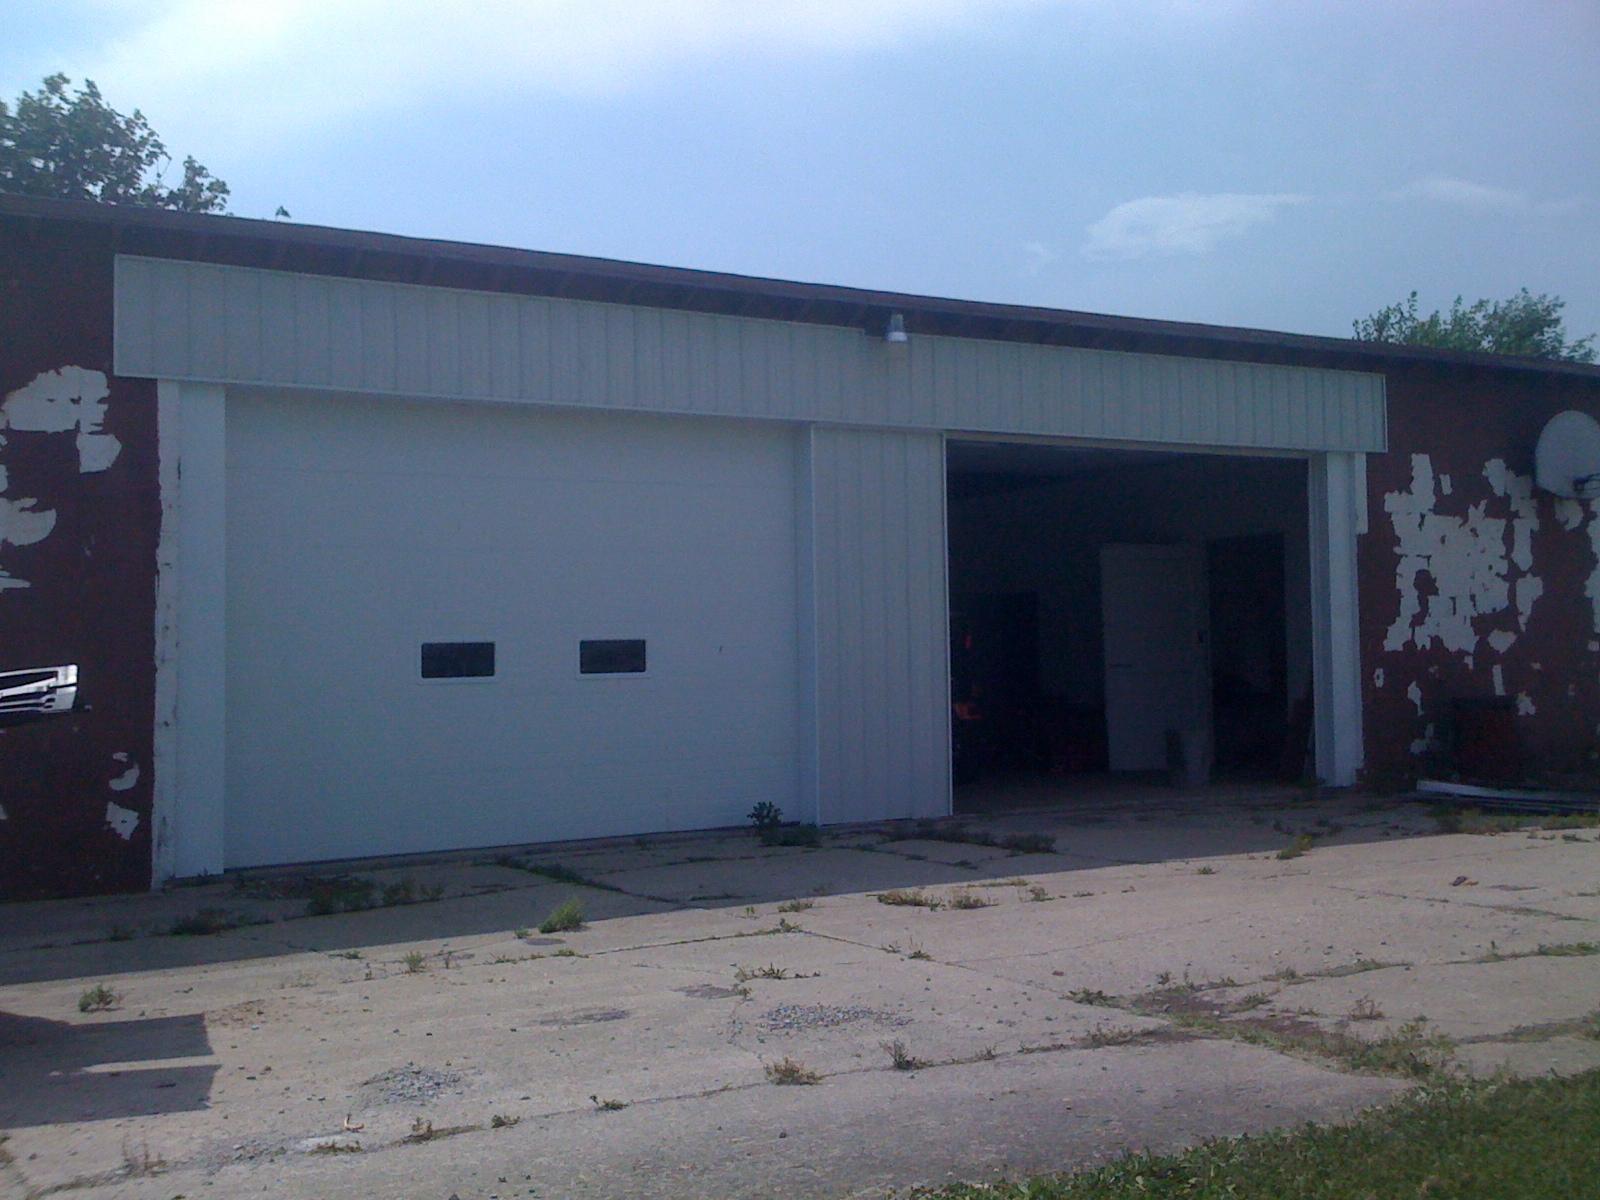 1200 #0A69C1 Custom Garage Doors Ltd In Arcanum OH 45304 ChamberofCommerce.com picture/photo Specialty Garage Doors 36891600